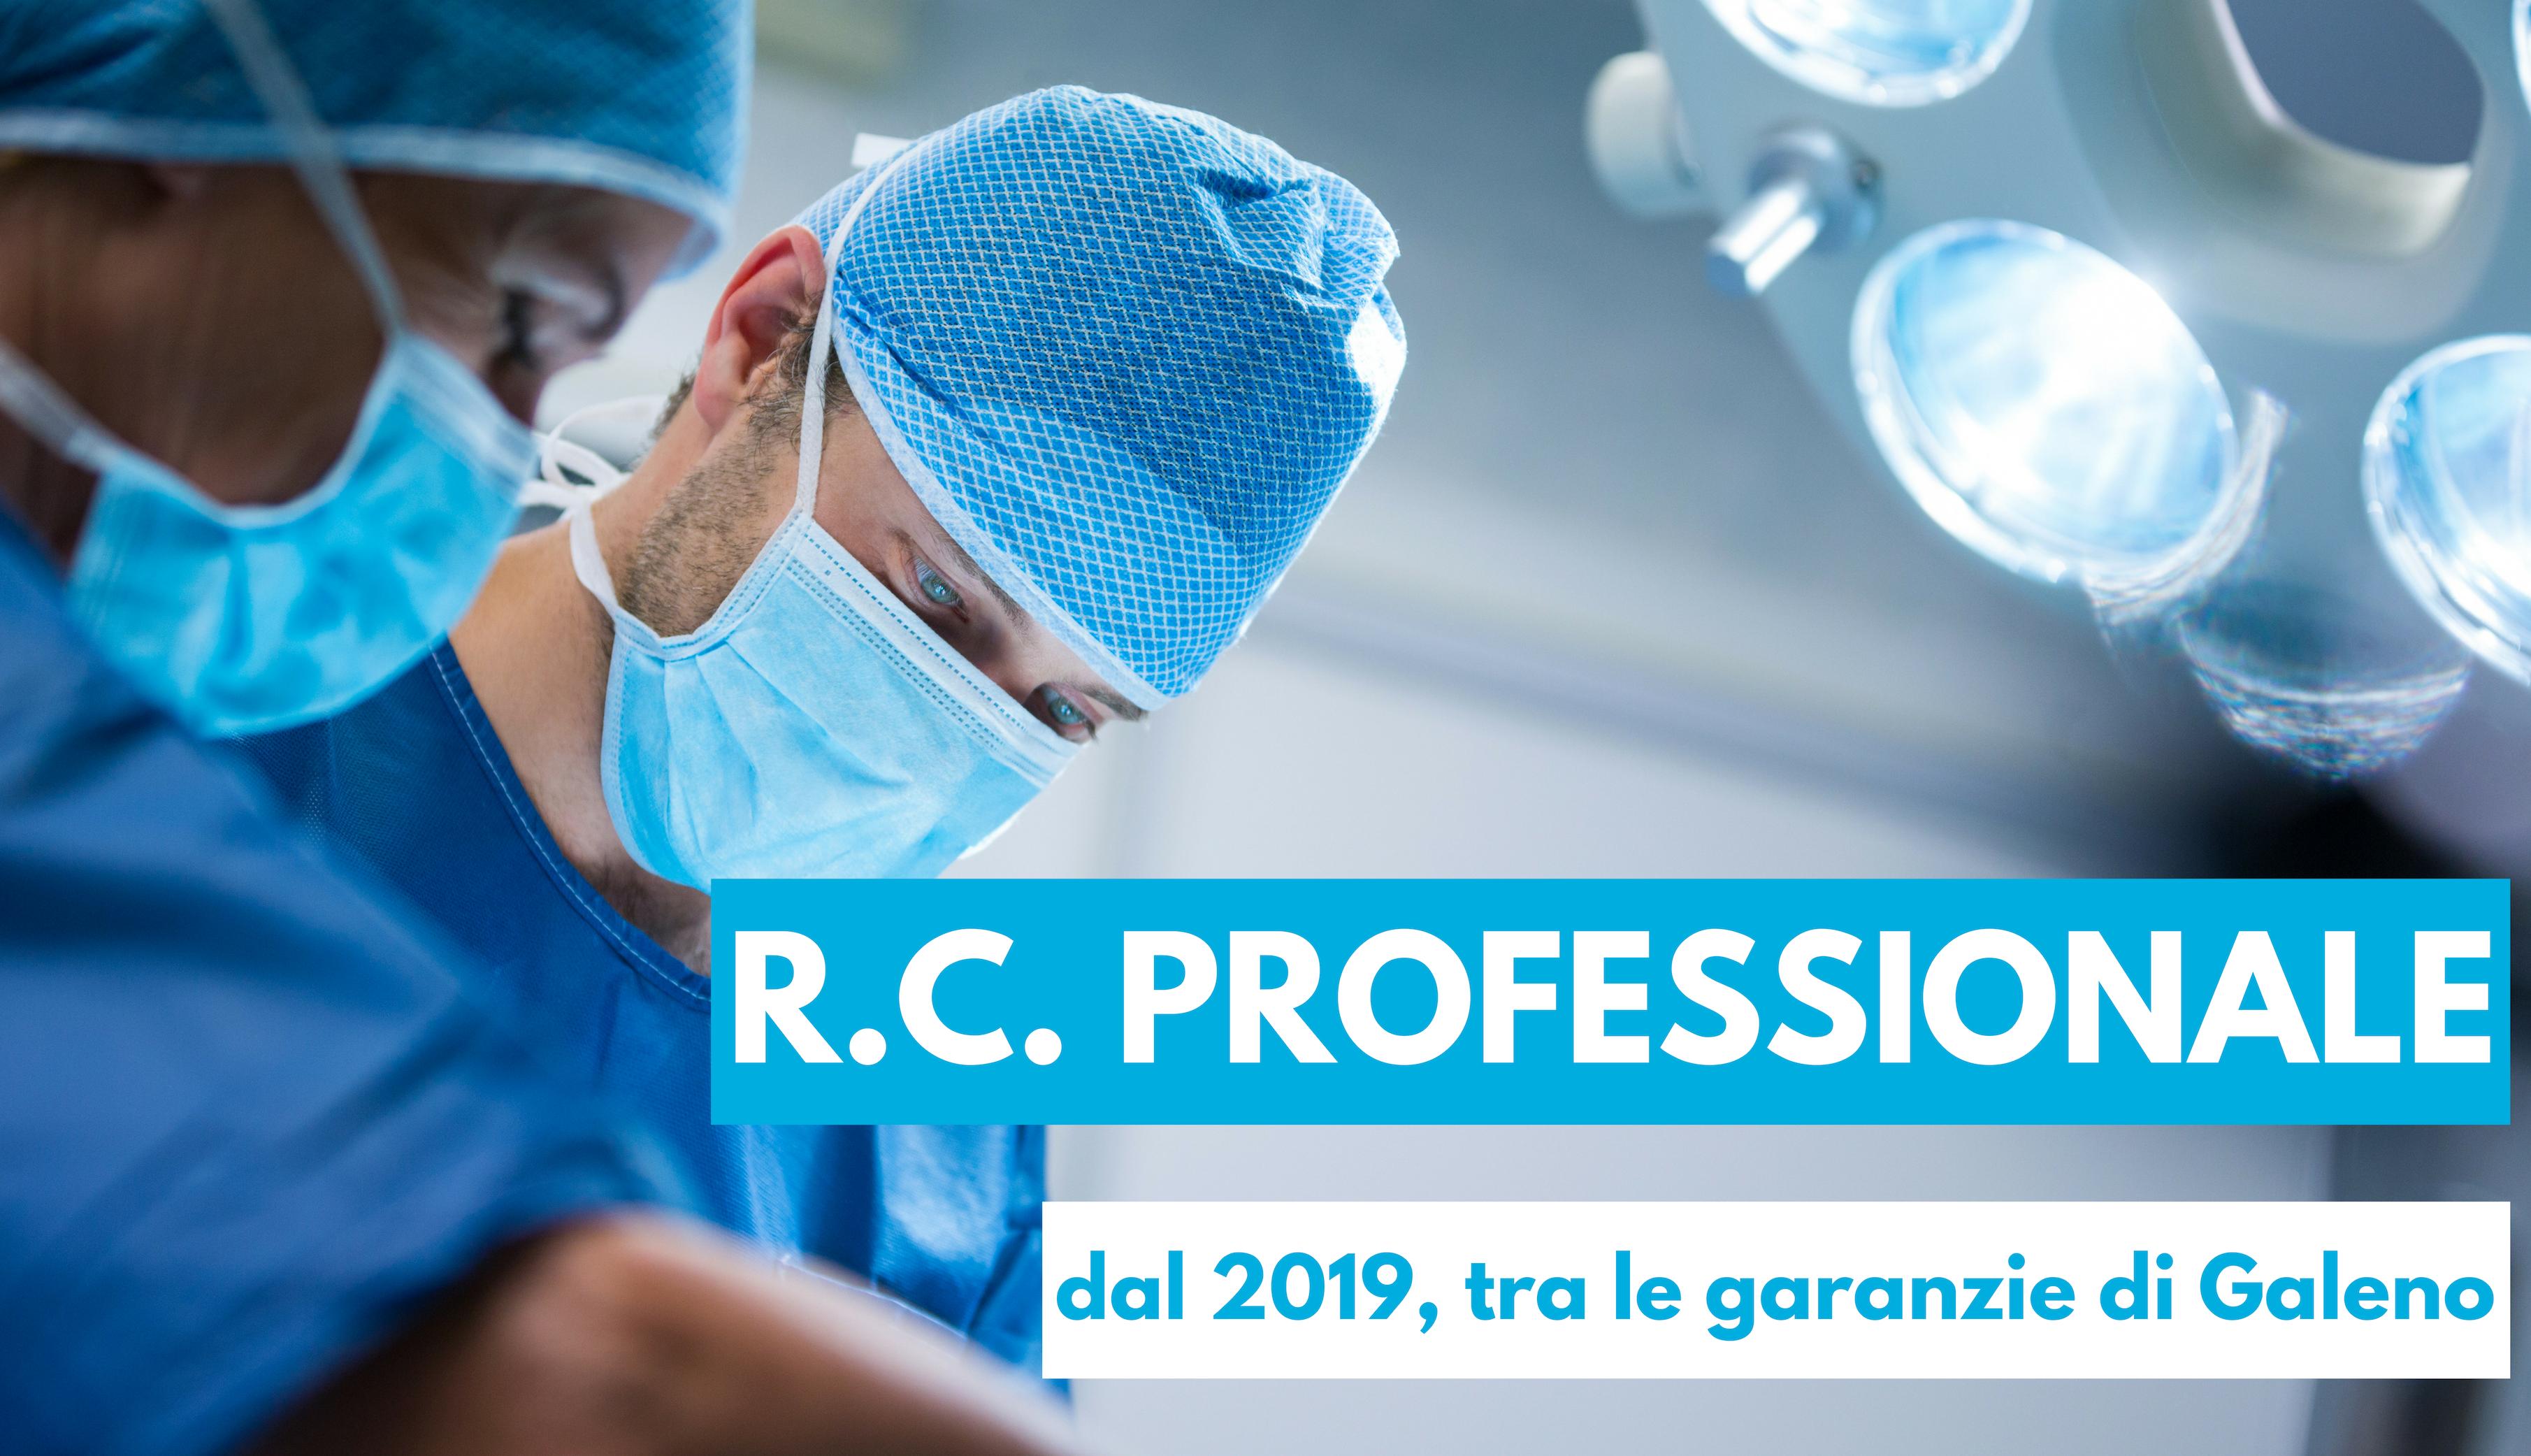 R.C. Professionale